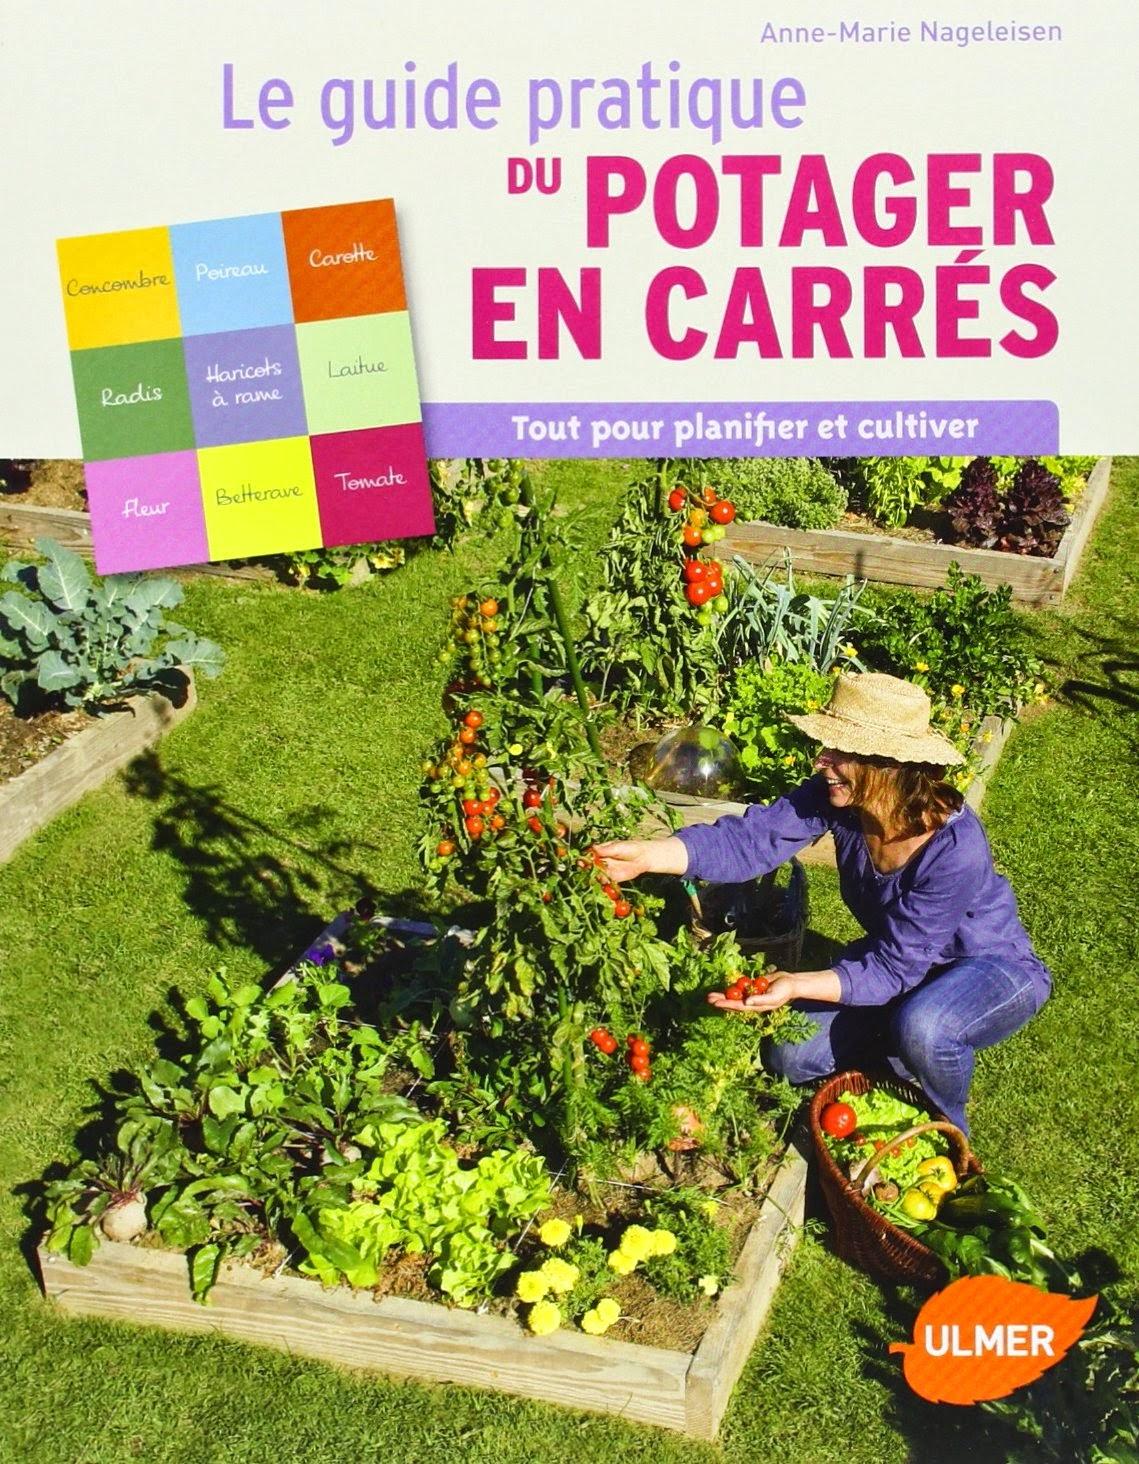 Guide pratique du potager en carrés : Tout pour planifier et cultiver